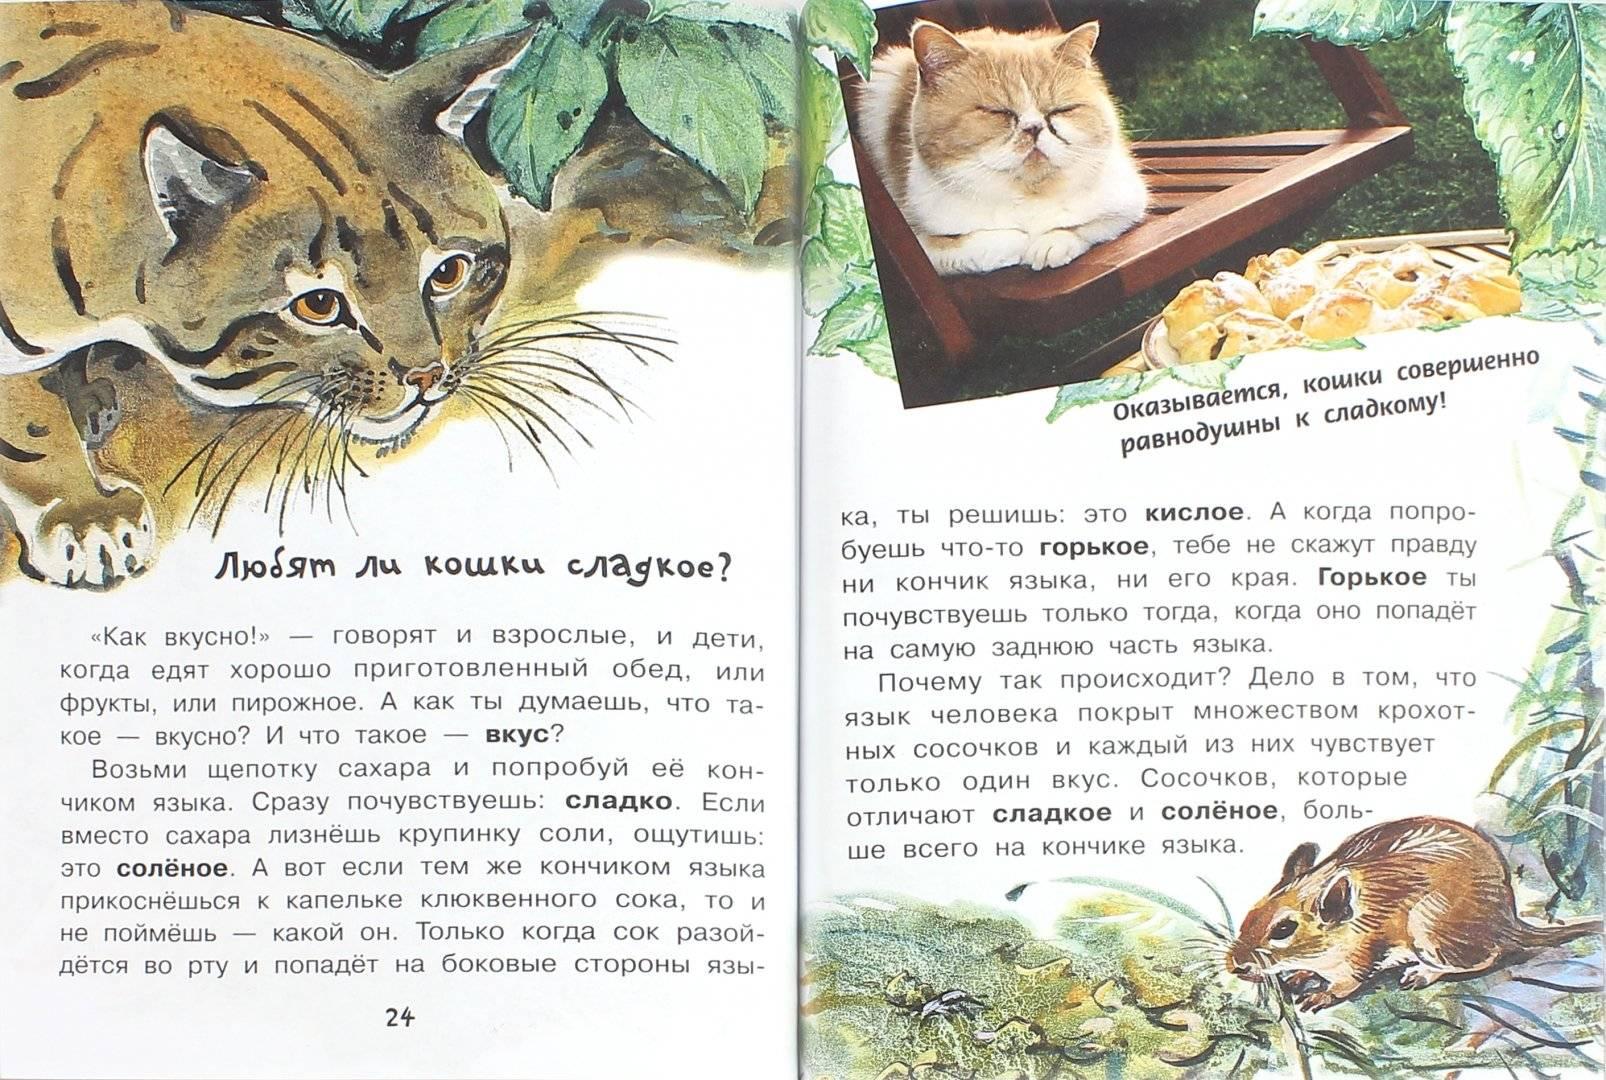 Что будет если отрезать или подстричь кошке усы? отрастают ли усы у котов?